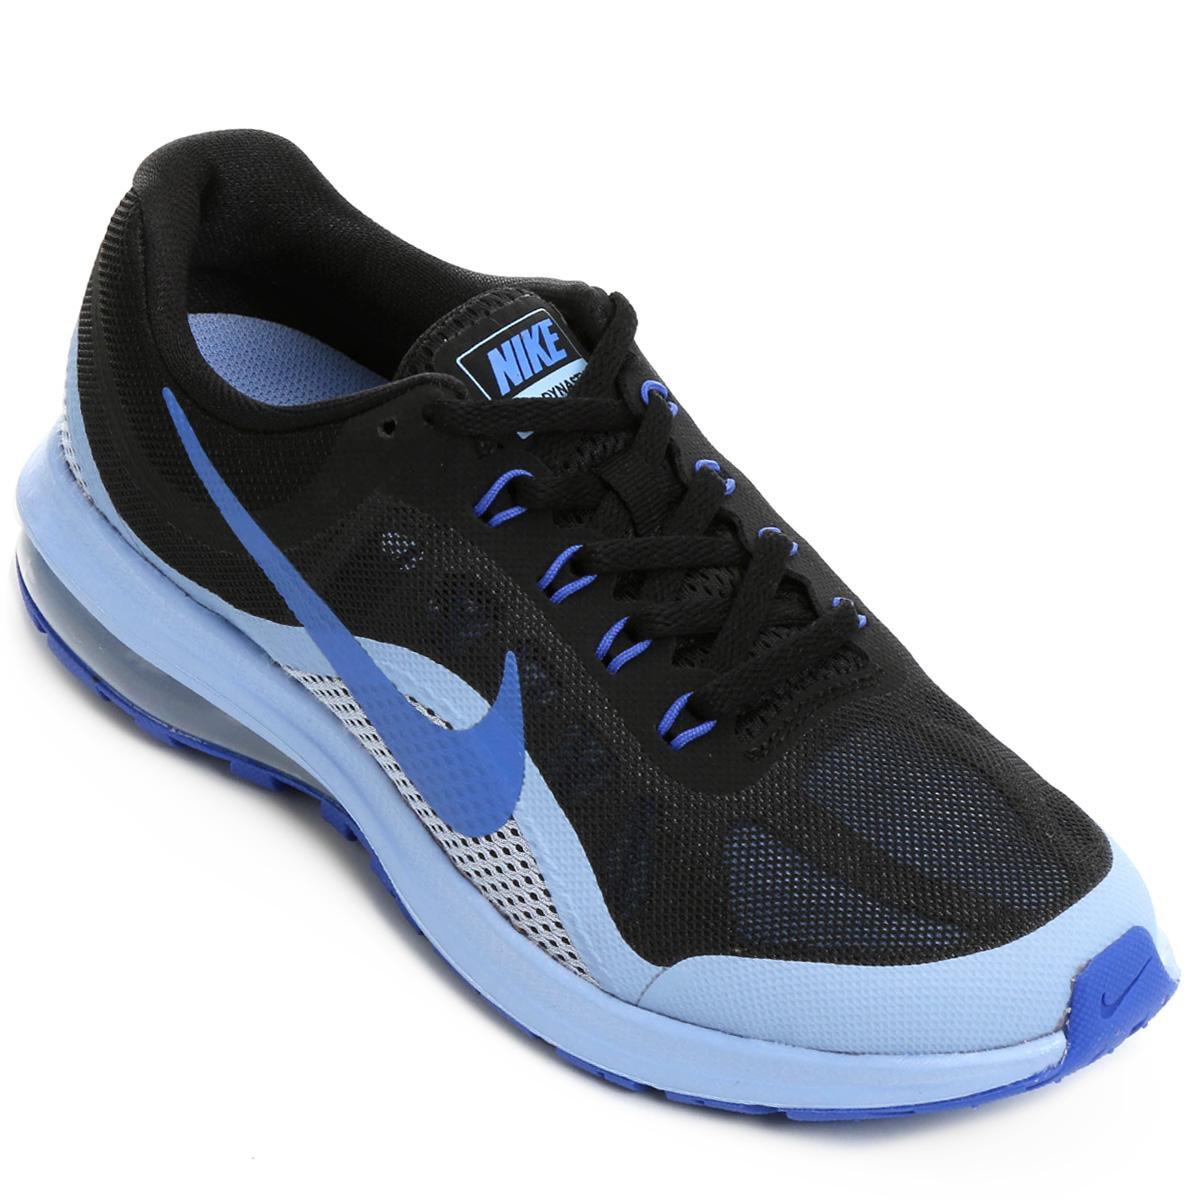 e63c04b079b Tênis Nike Air Max Dynasty 2 Feminino - Preto e Azul - Compre Agora ...